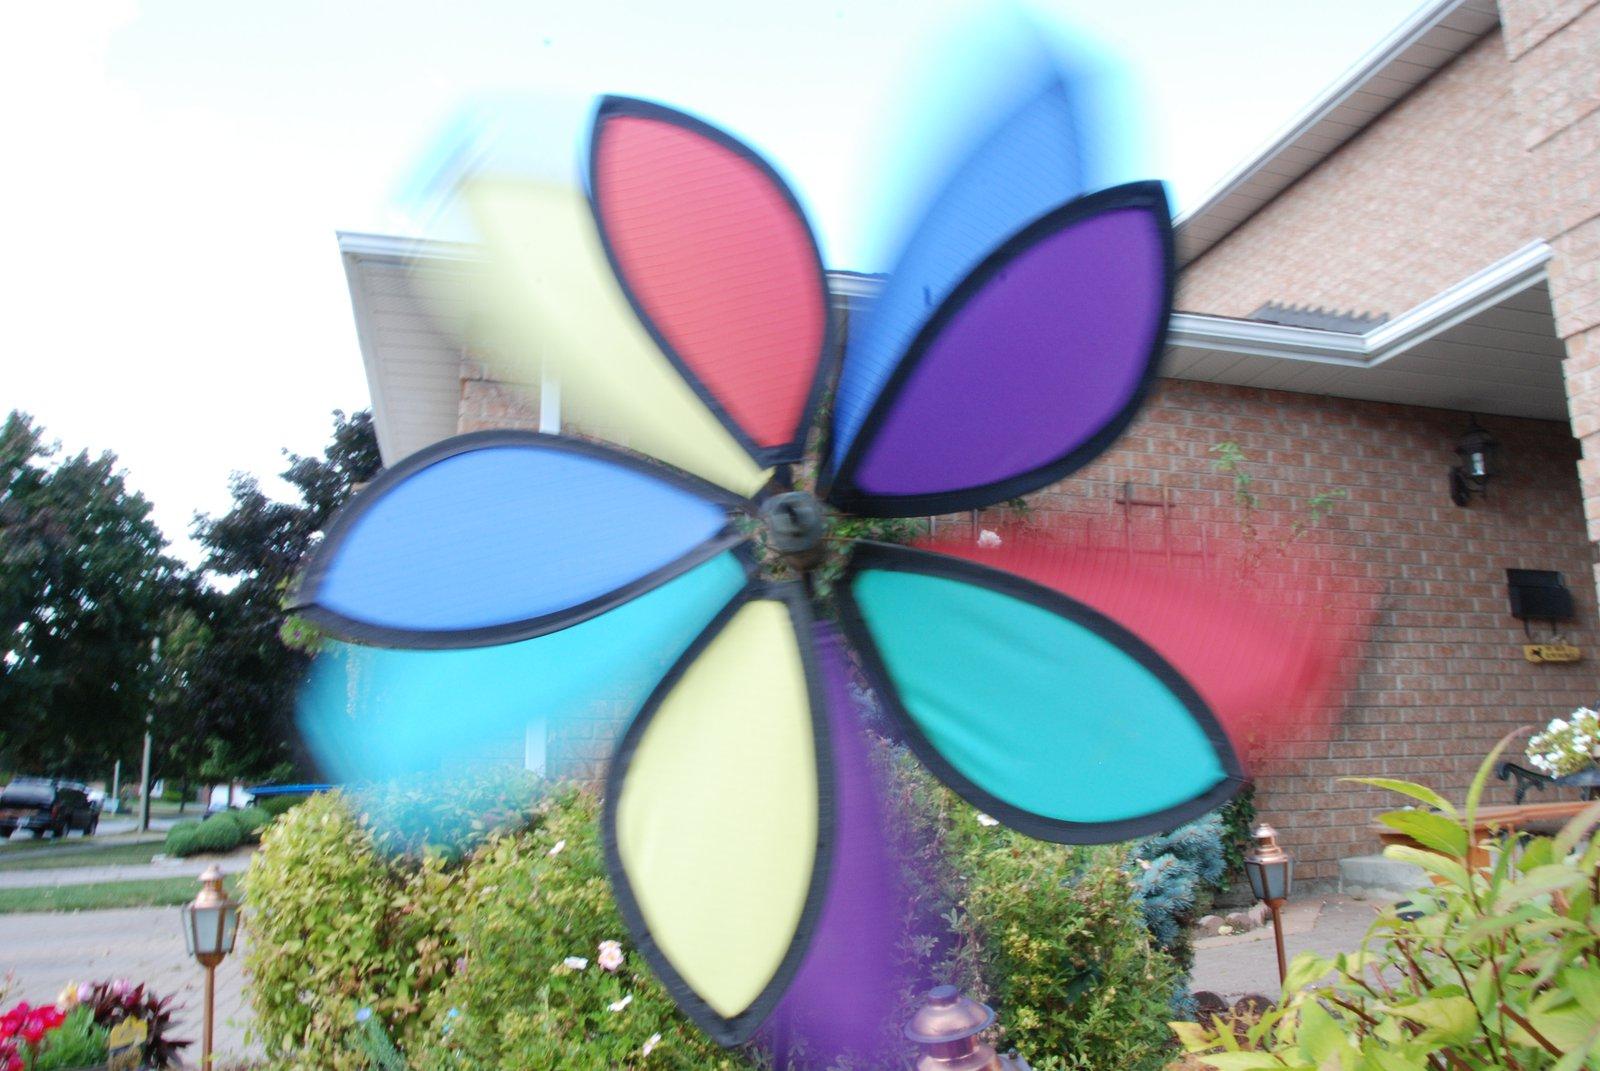 Windwheel